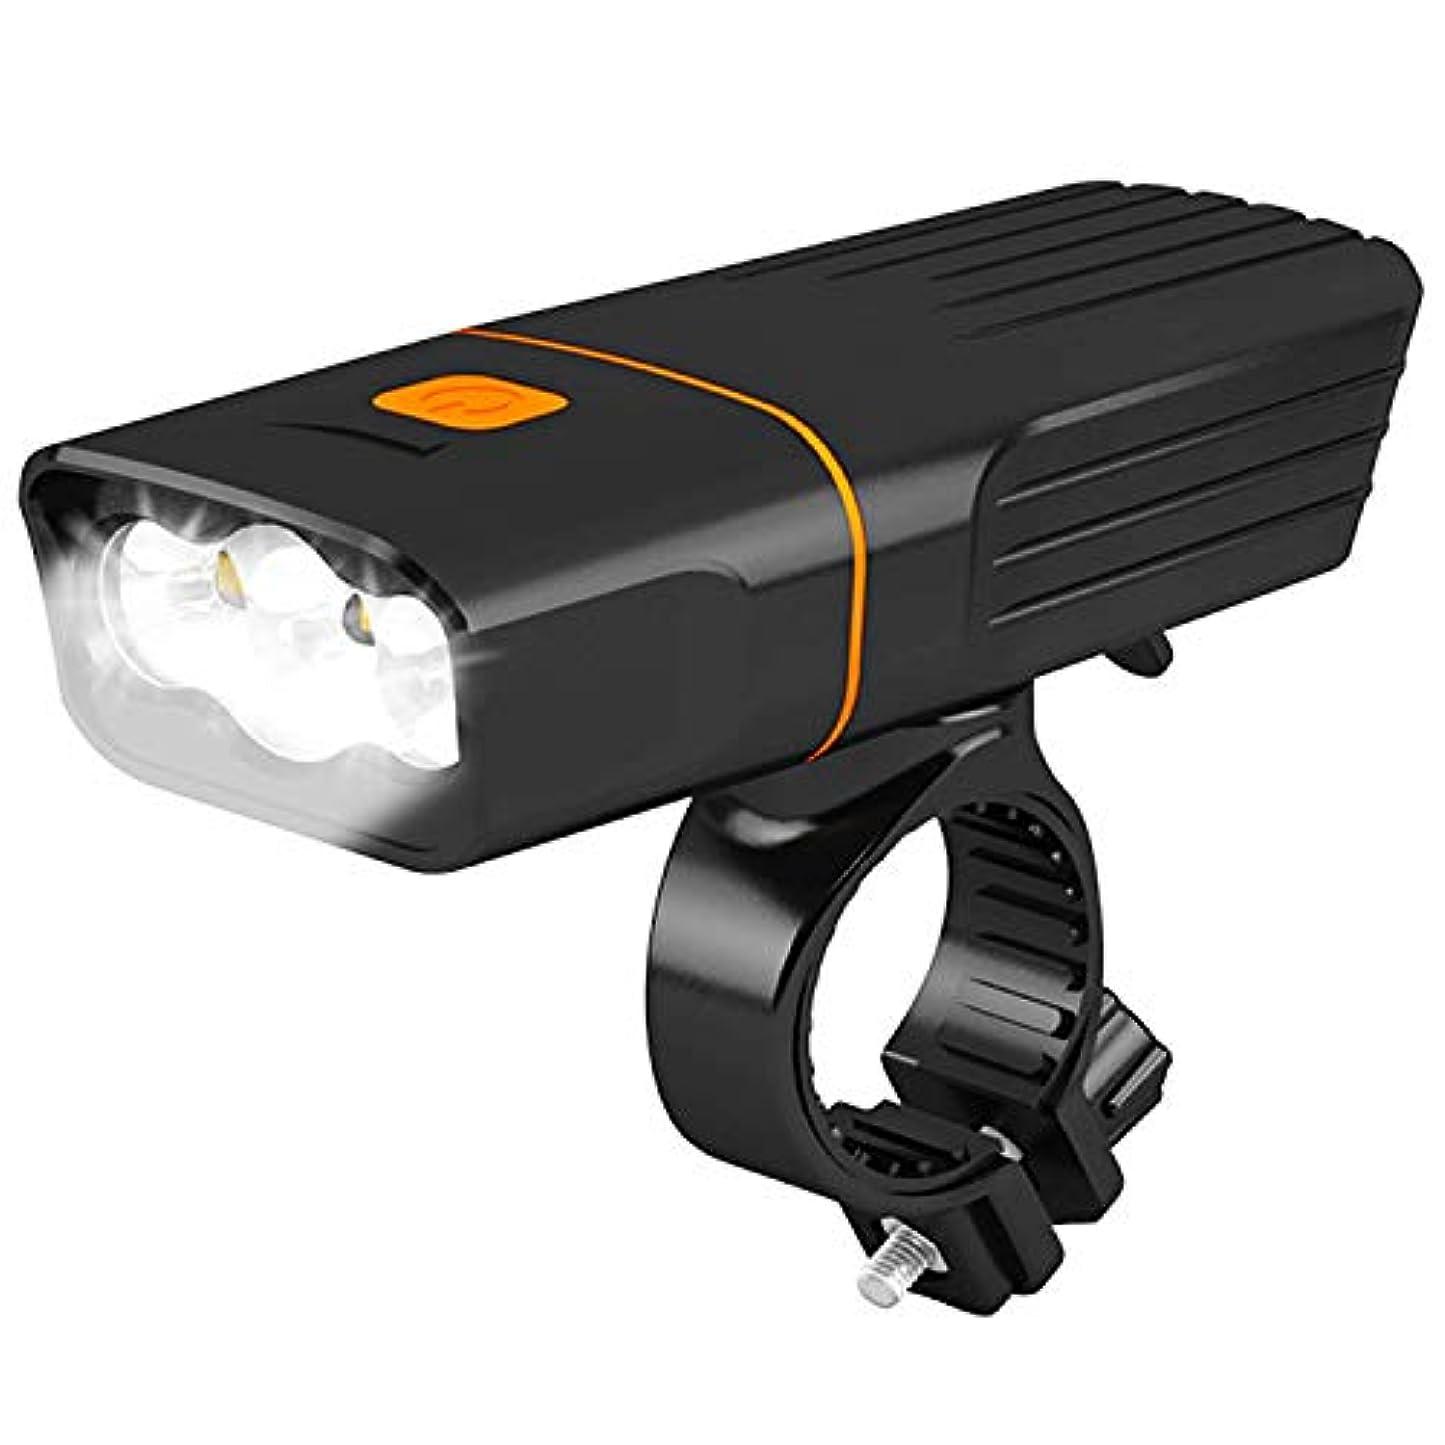 心理学紫の実質的自転車 ライト 自転車ヘッドライト USB充電式 3モード点灯懐中電灯 1200ルーメン高輝度 ウォーキング 釣りに最適 ブラック